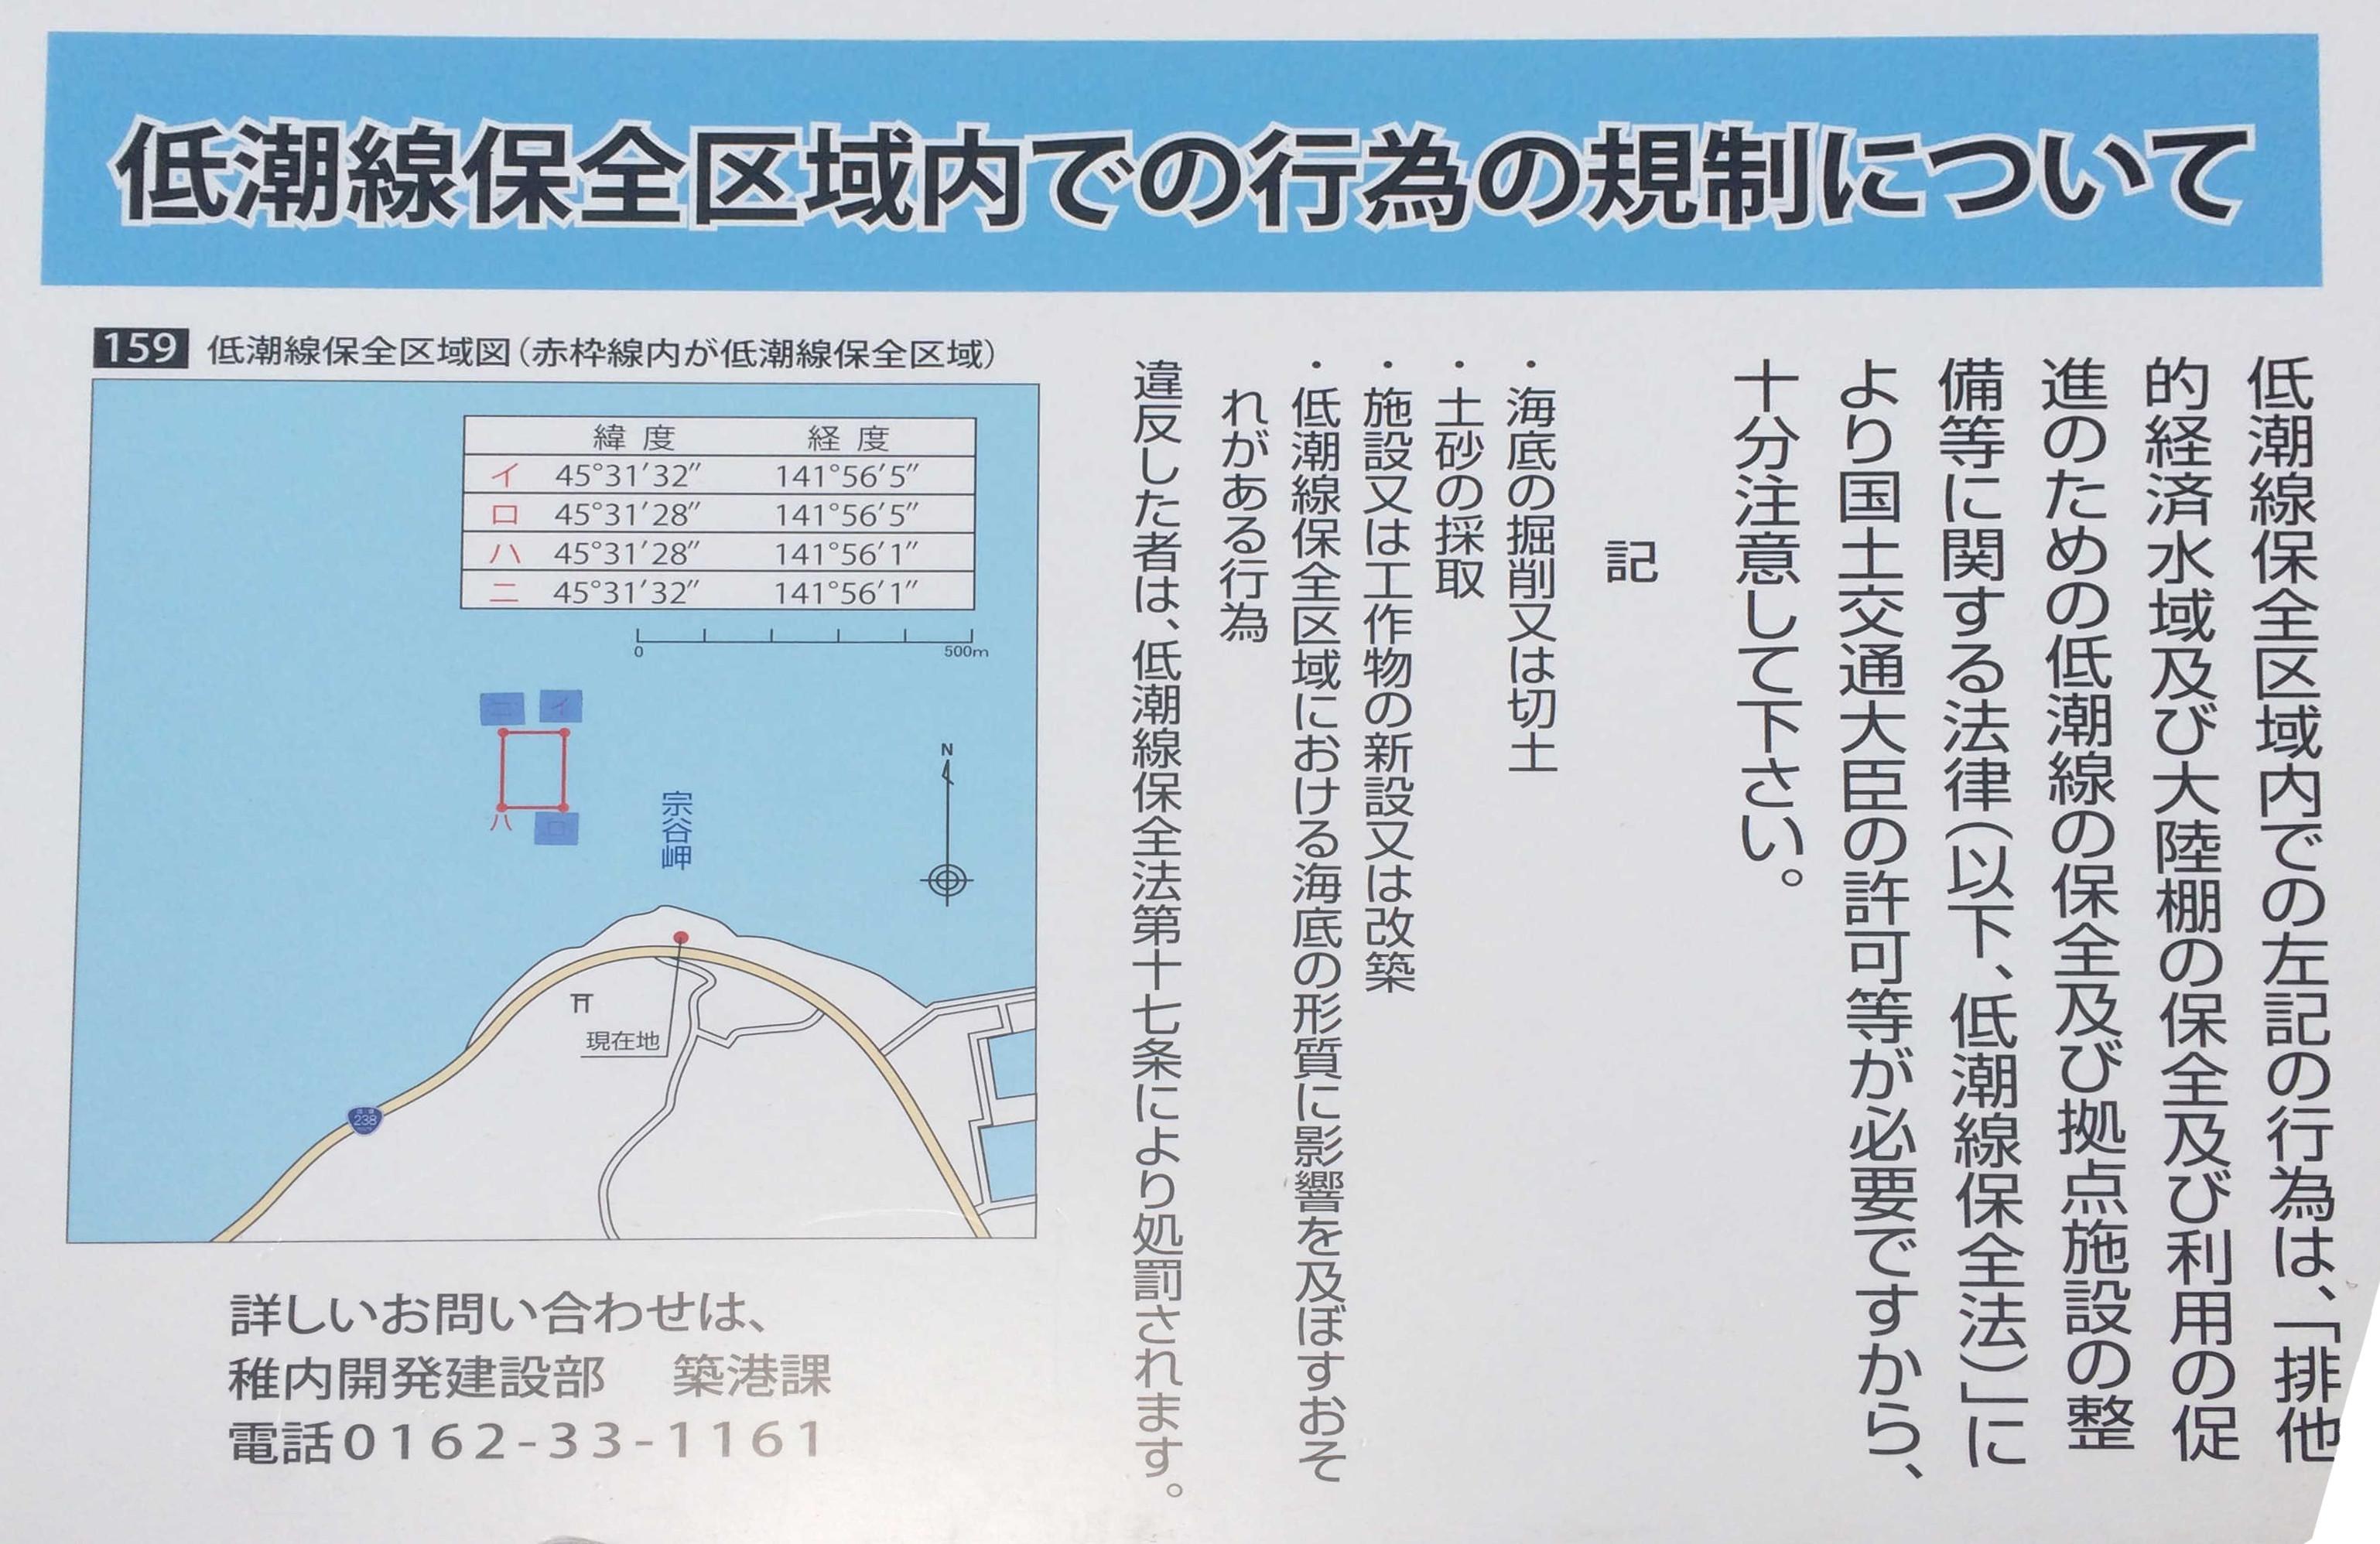 低潮線保全区域での行為の規則について